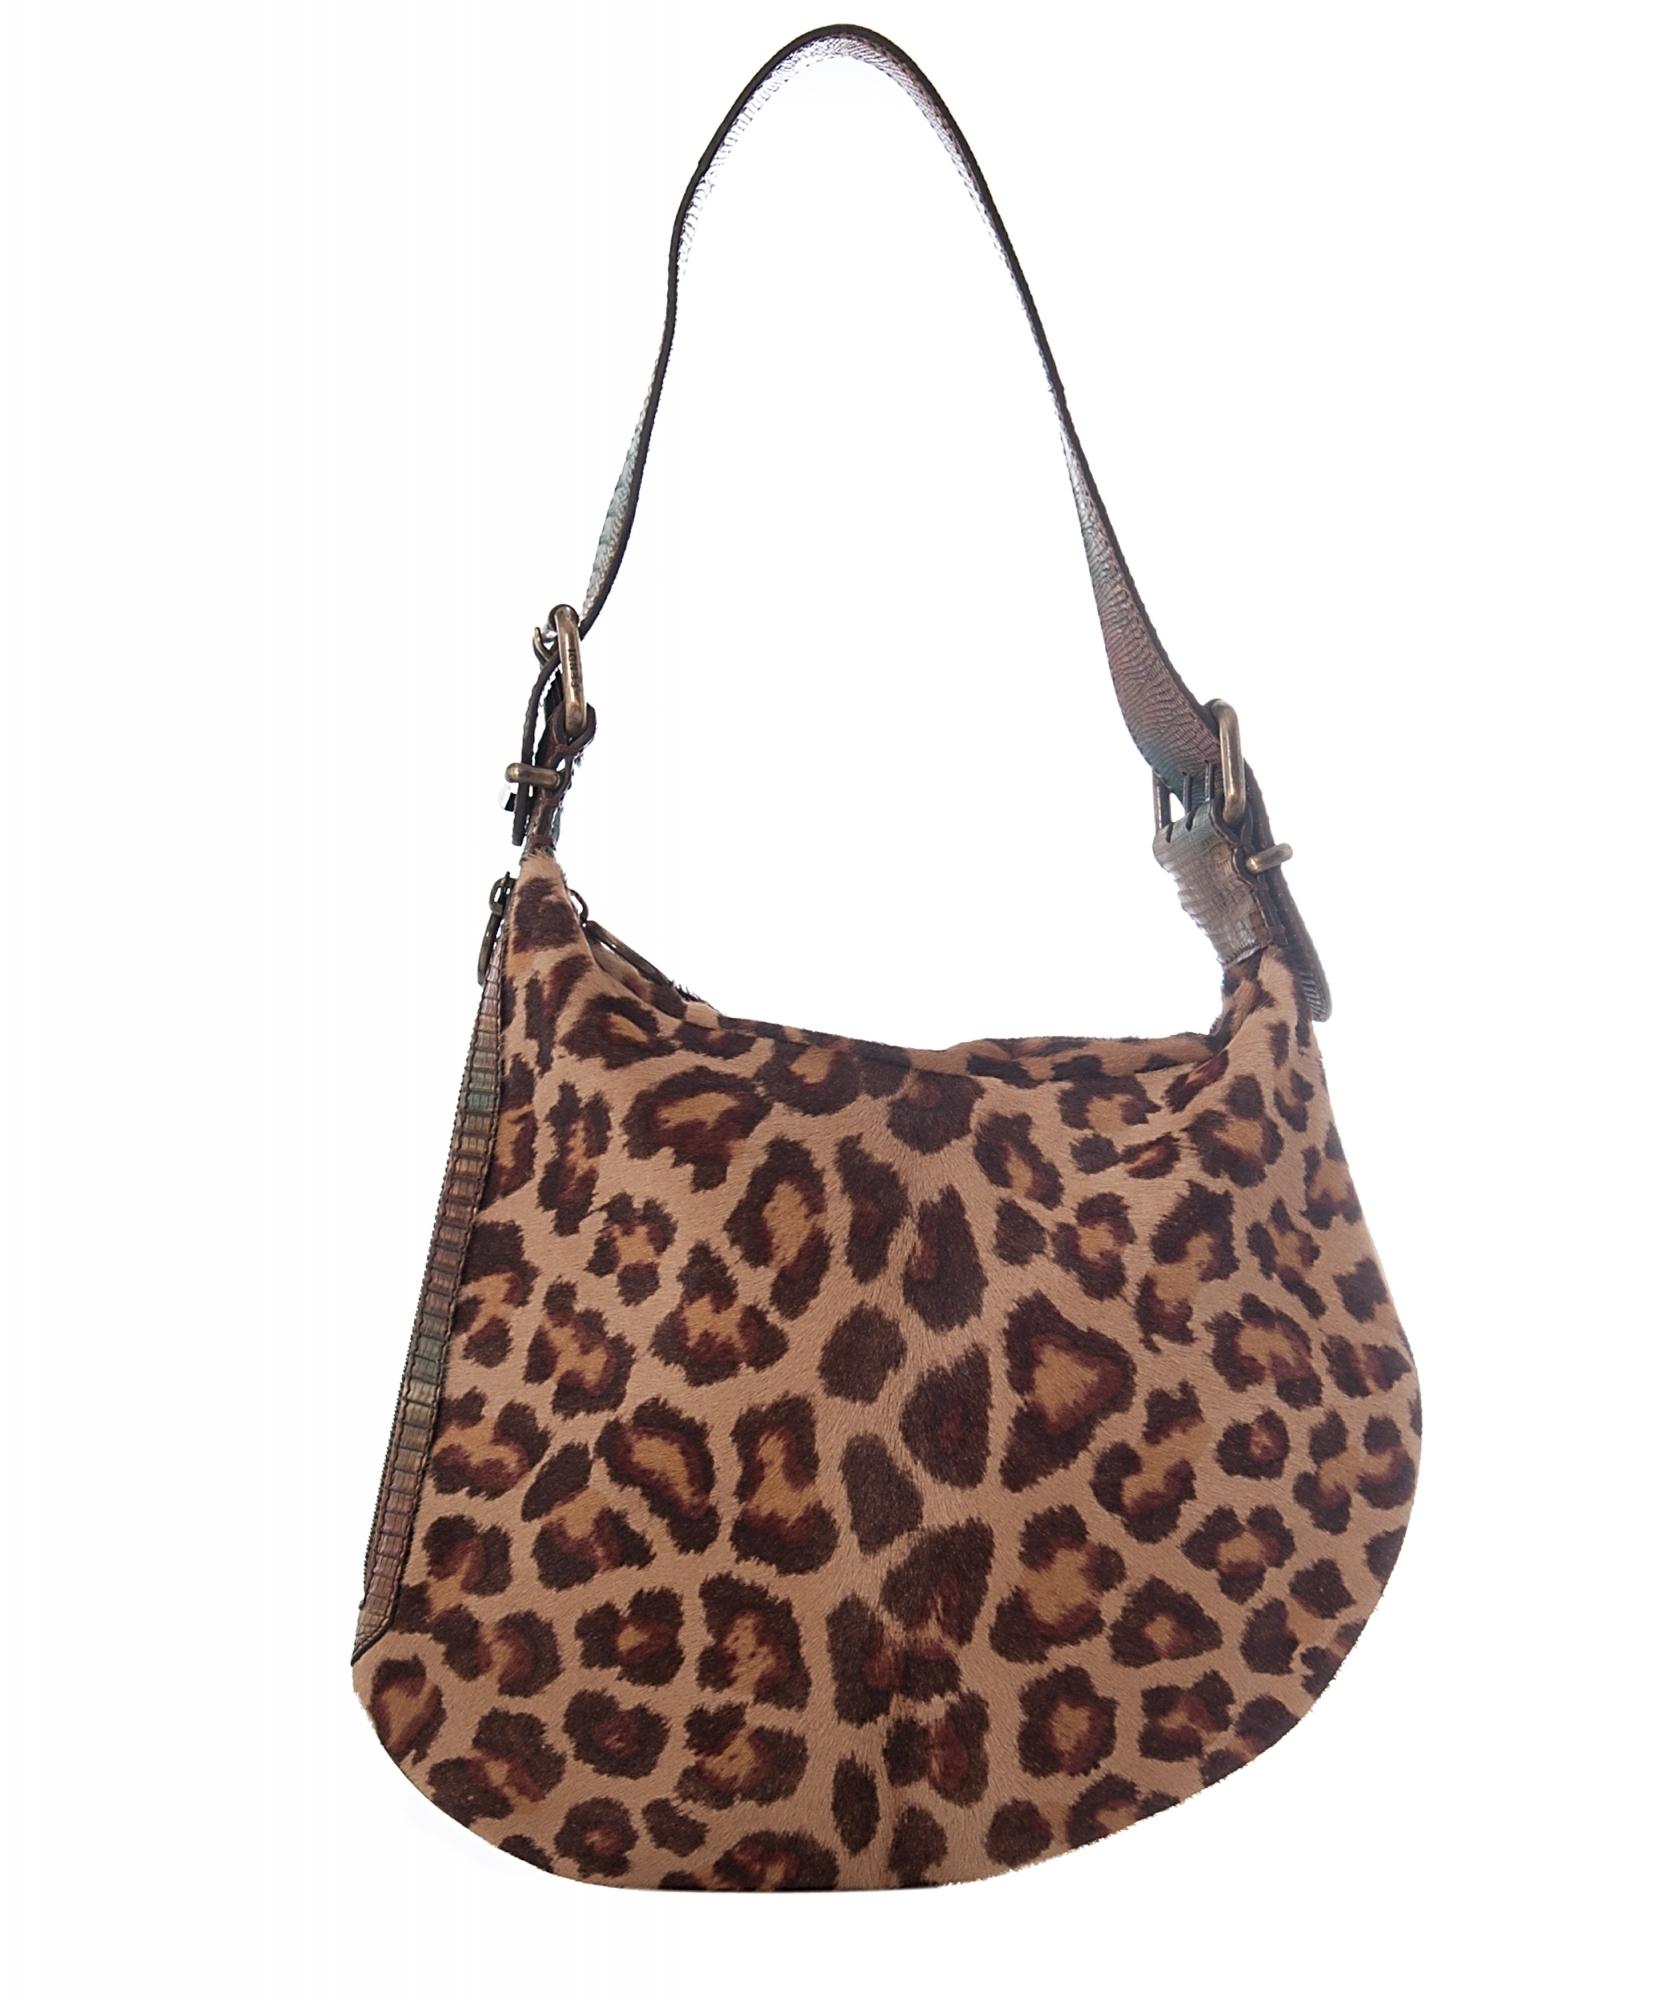 0301170e55d5 Fendi Leopard Zucca Oyster Hobo Shoulder Bag